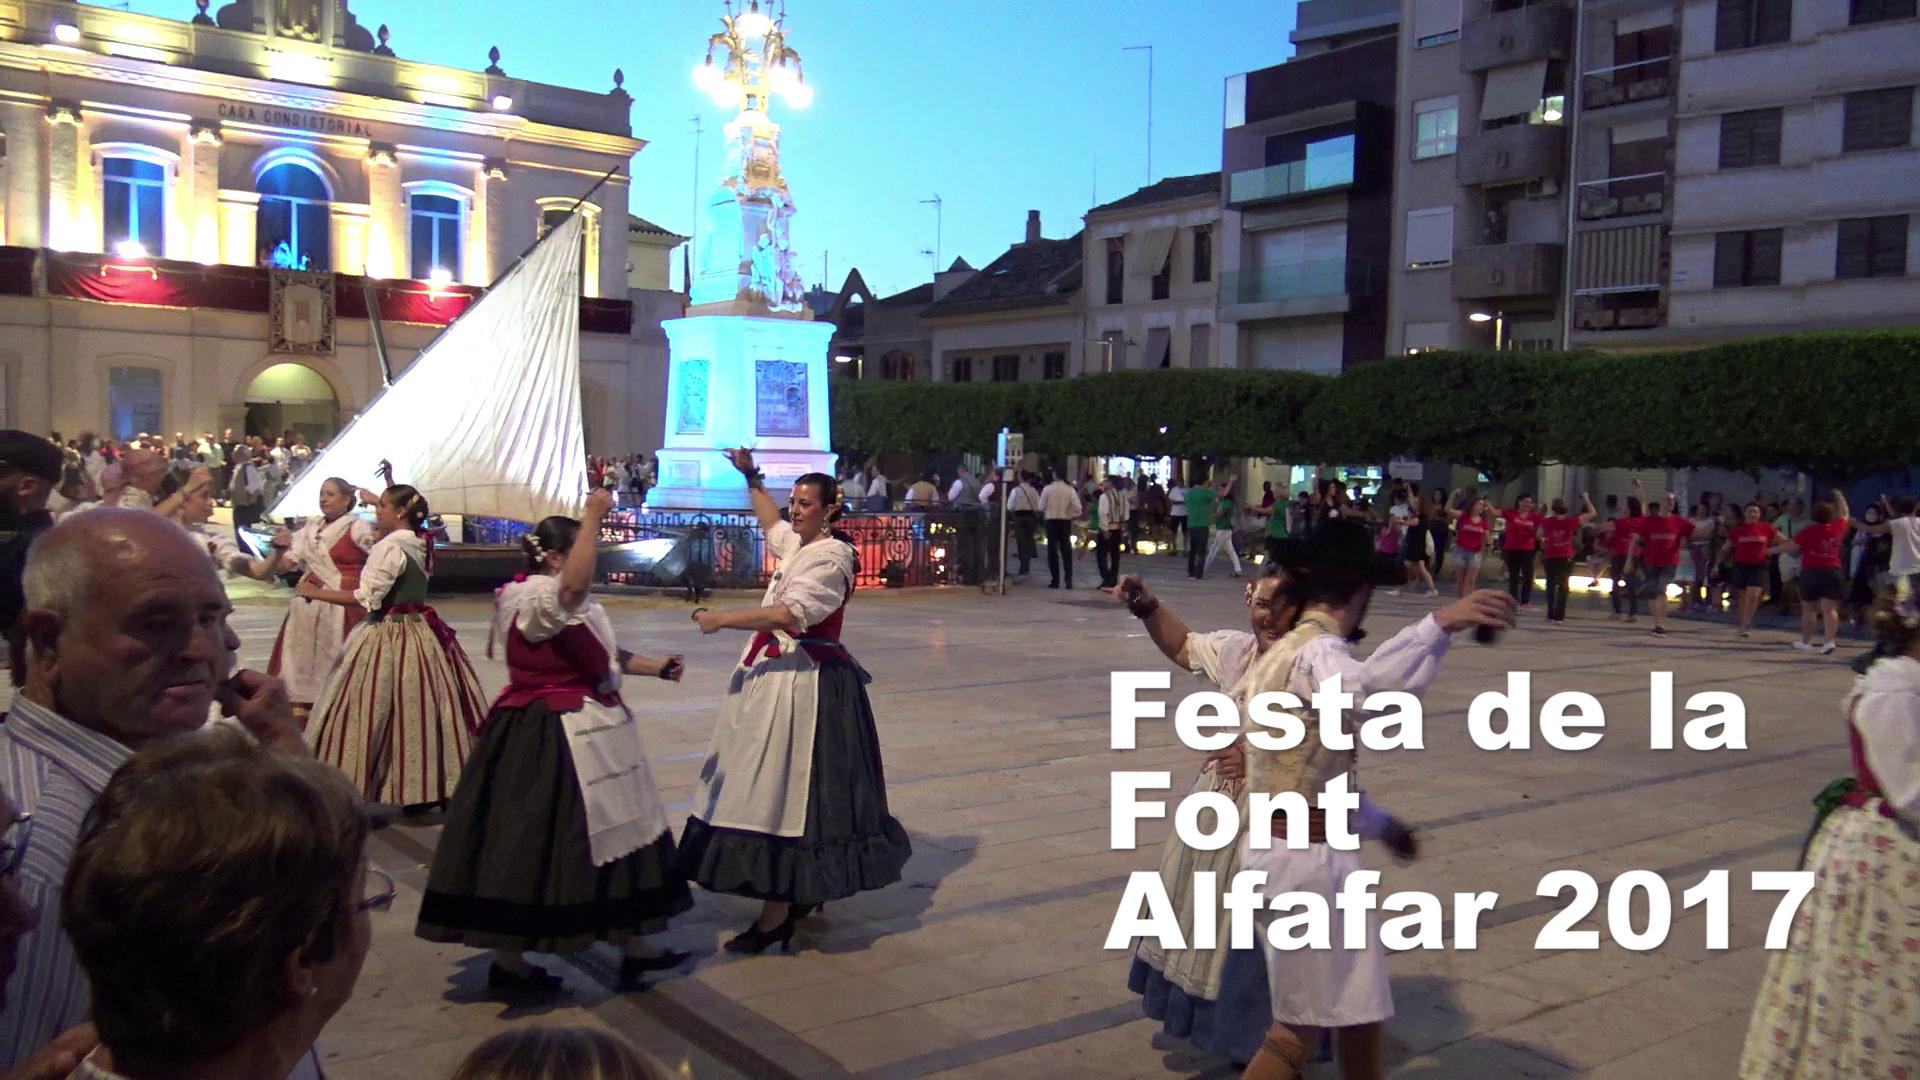 Festa de la Font d'Alfafar 2017